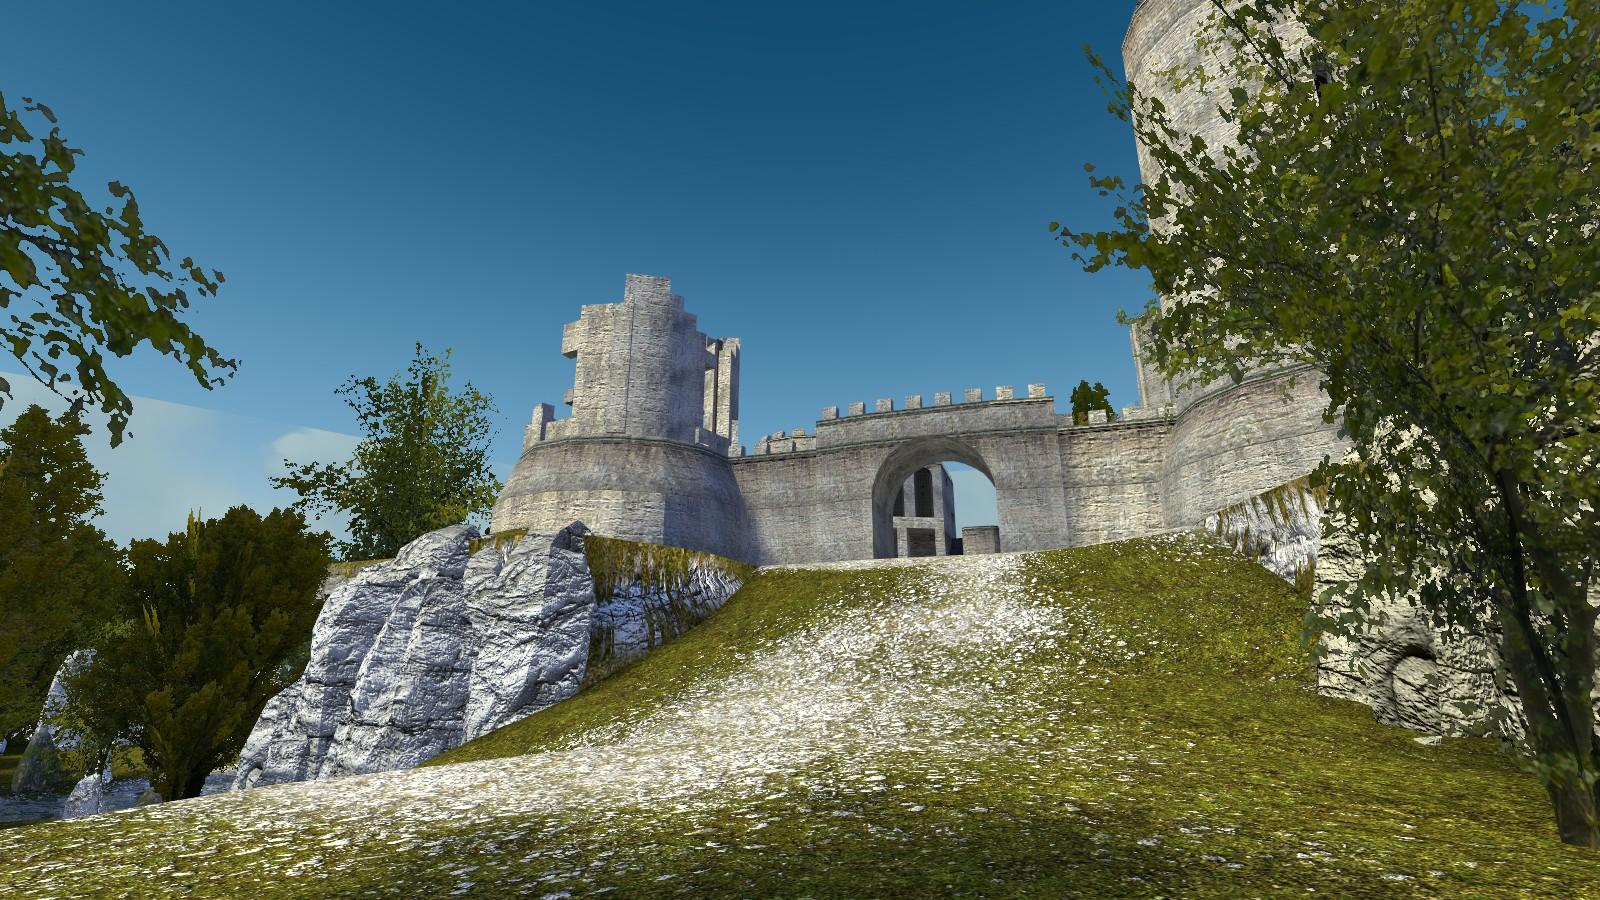 gm_floatingworlds_30002 - Half-Life 2